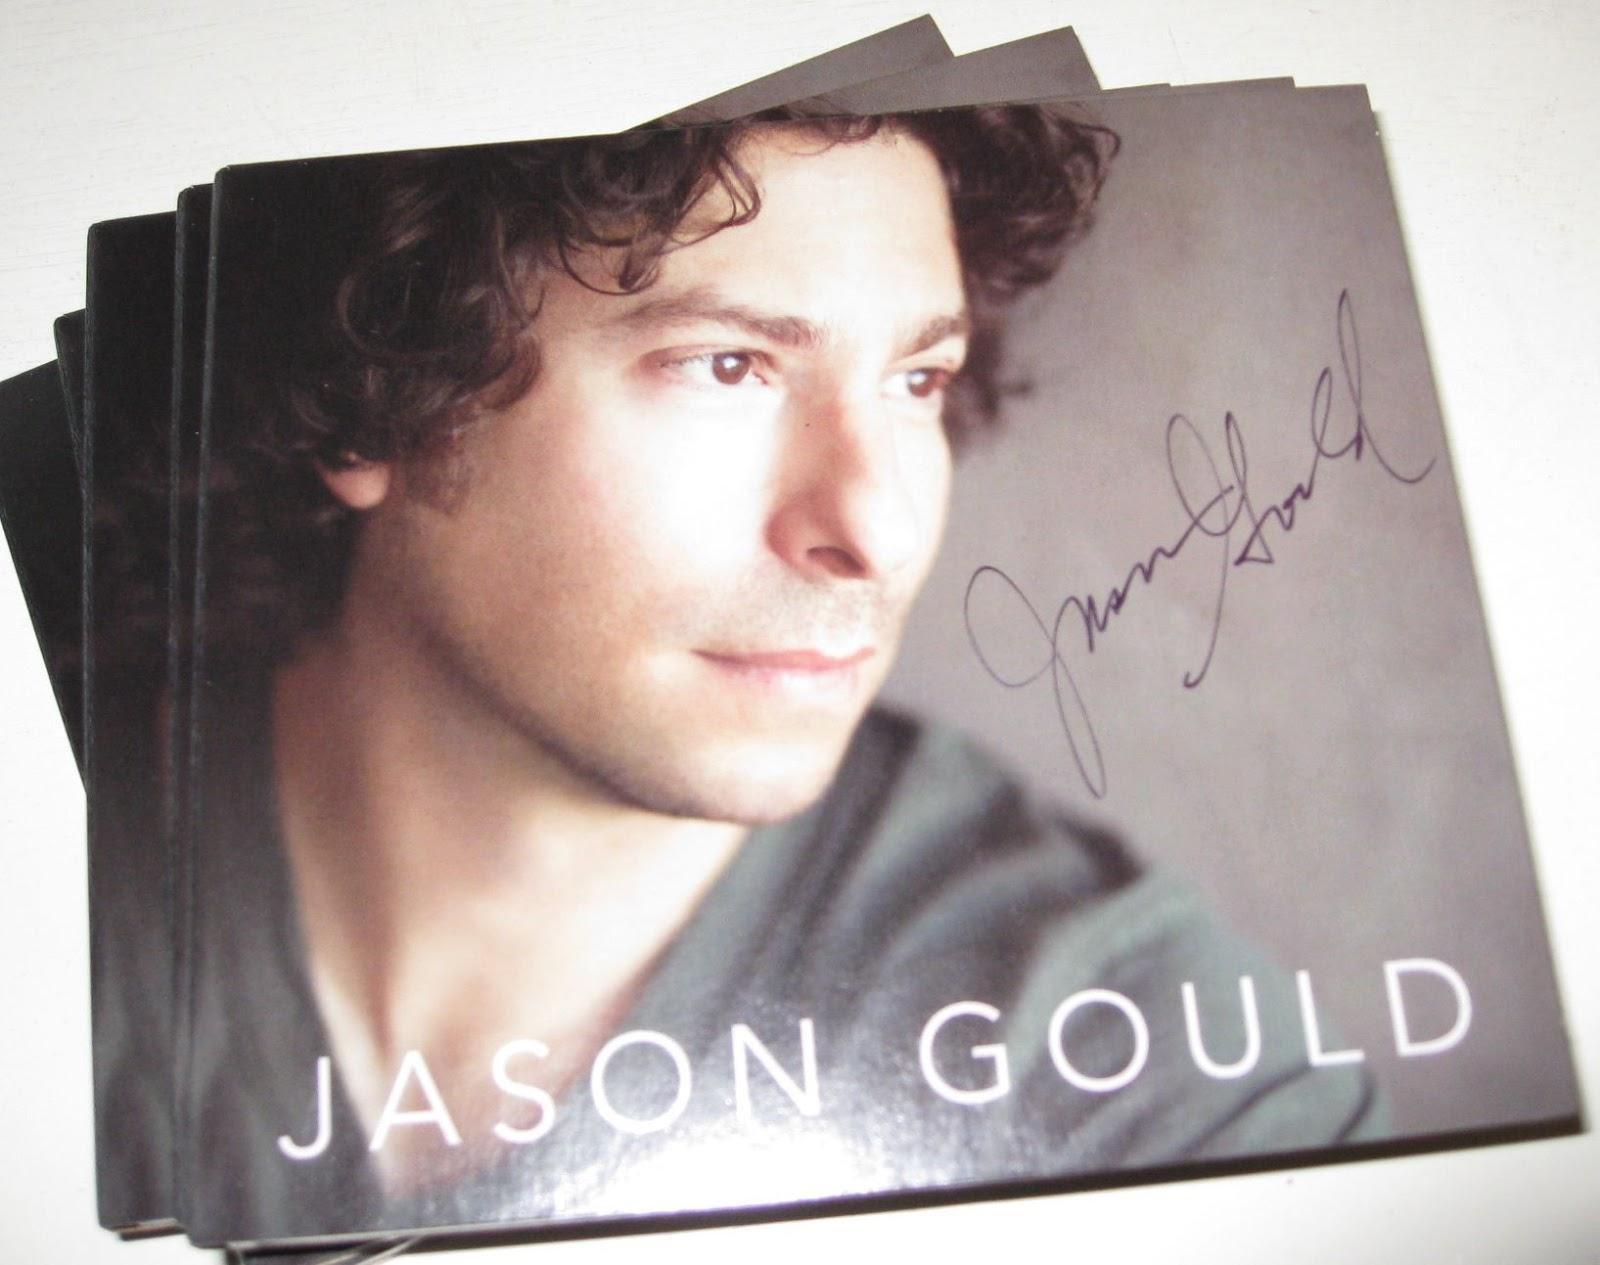 Jason Gould Background